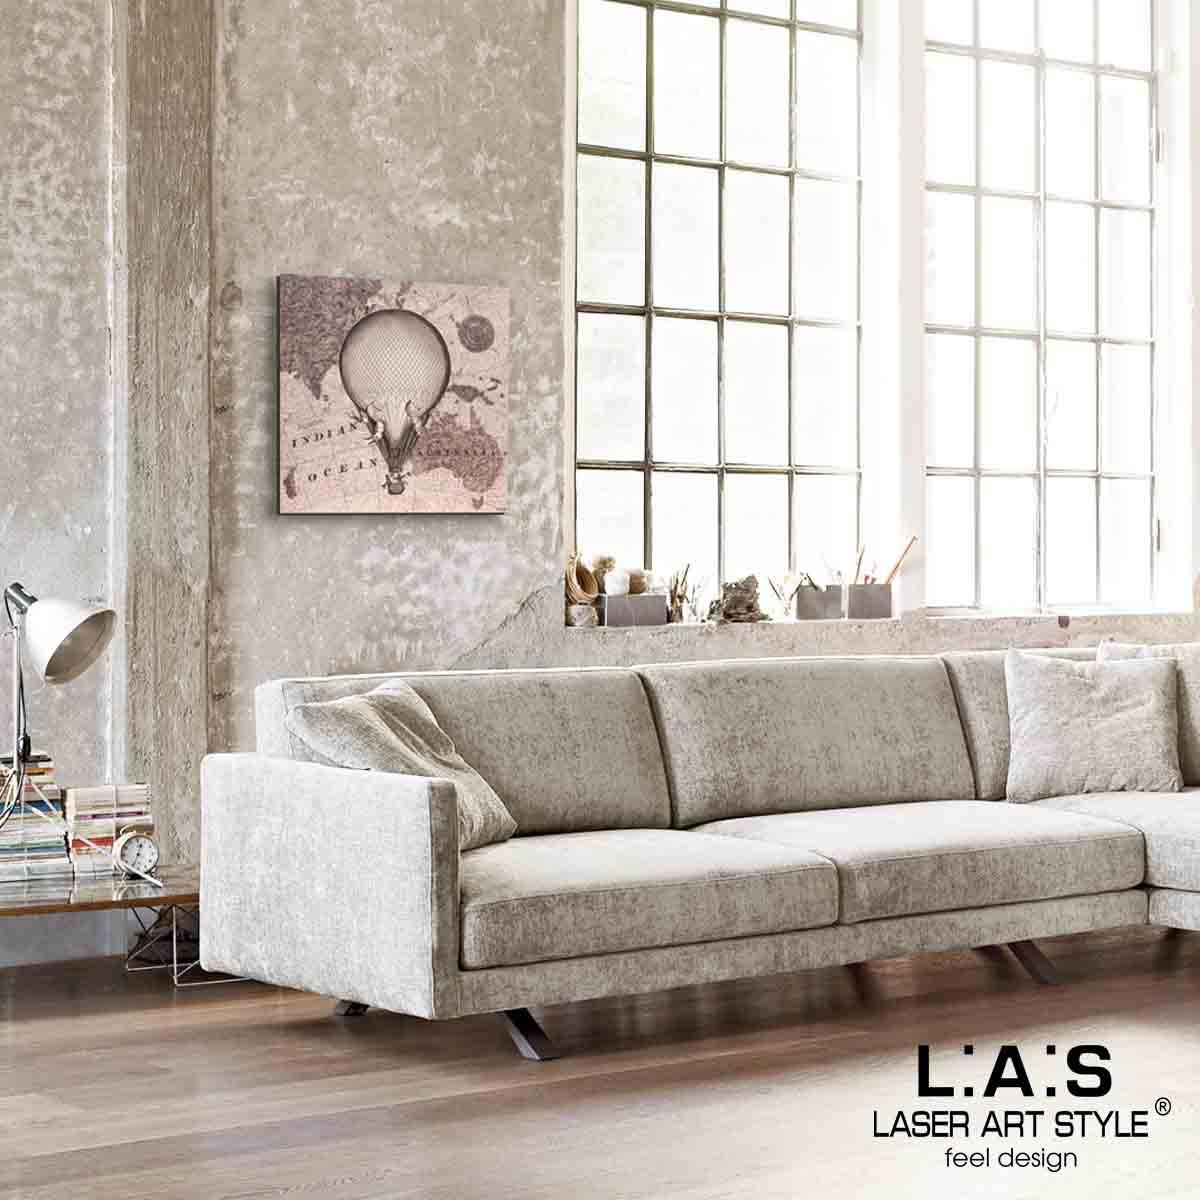 L:A:S - Laser Art Style - QUADRO MODERNO – SCULTURA DA PARETE VIAGGIO – Q-029 DECORO RUGGINE